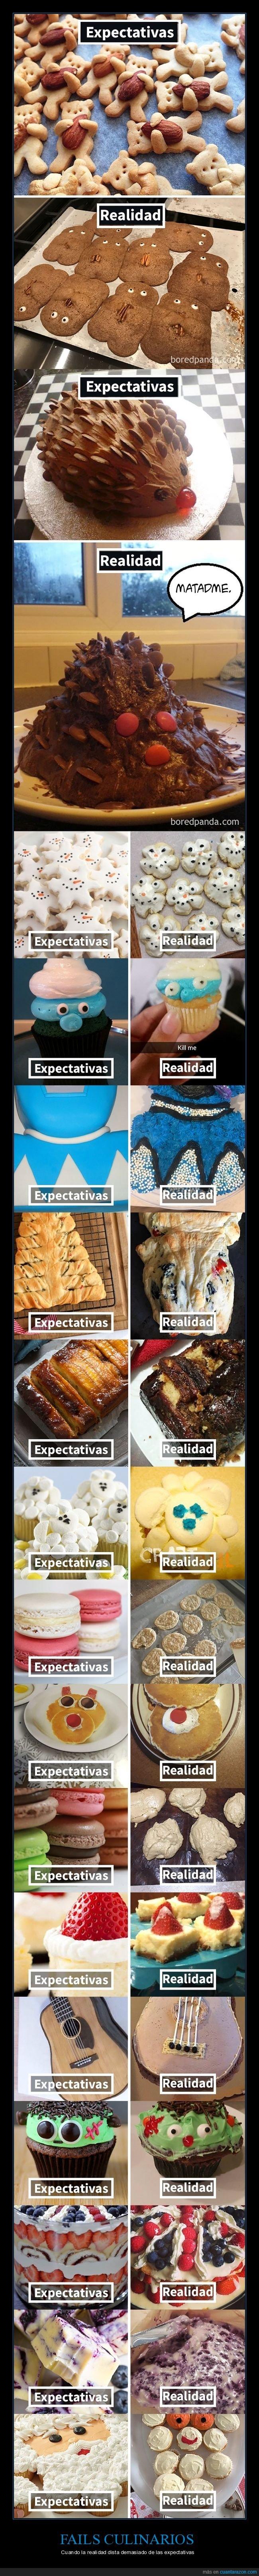 cocina,comida,fails